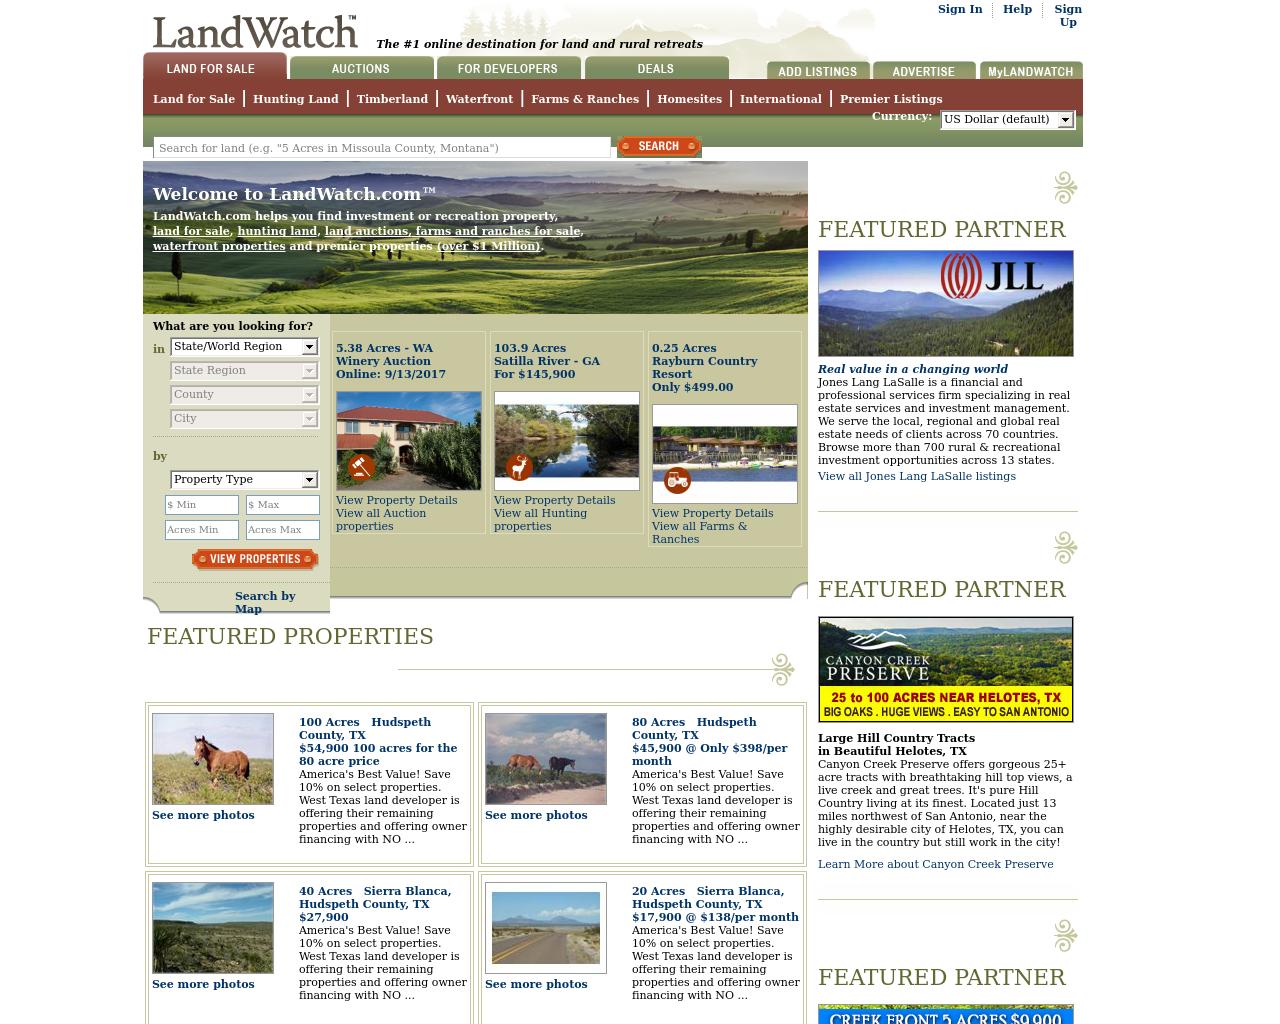 LandWatch-Advertising-Reviews-Pricing